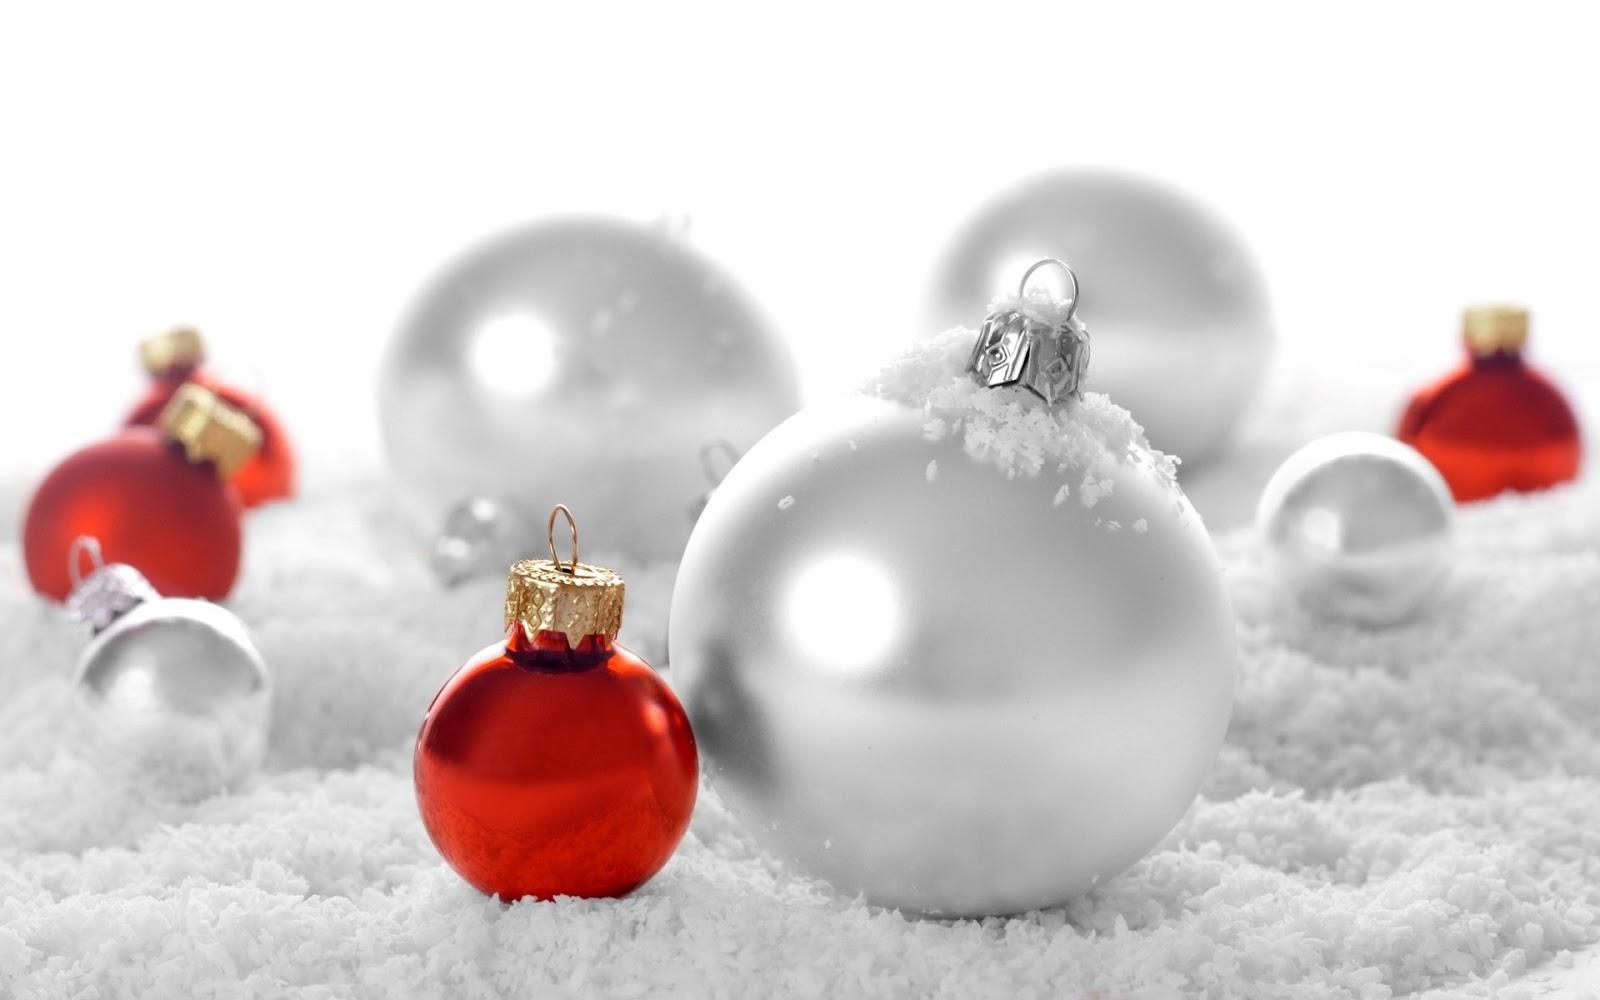 Fotografias bolas de navidad Fotografias y fotos para imprimir